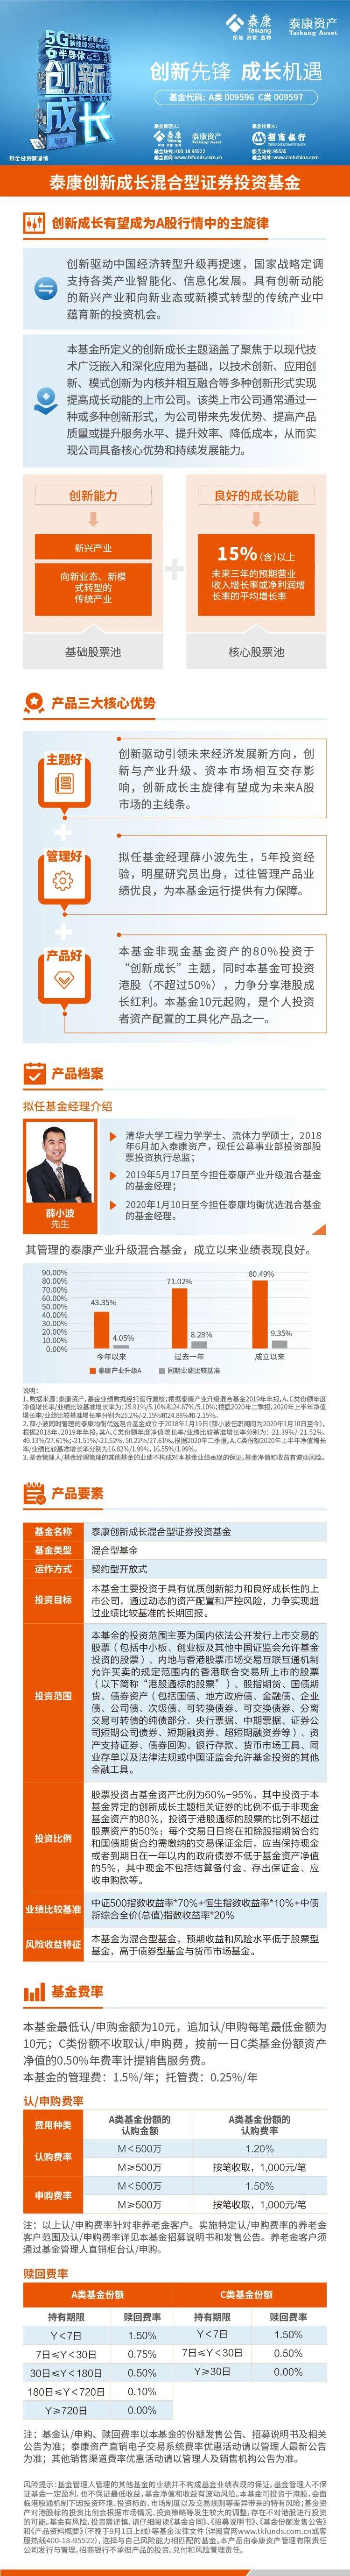 新基速递 | 泰康创新成长混合型证券投资基金正在发行!